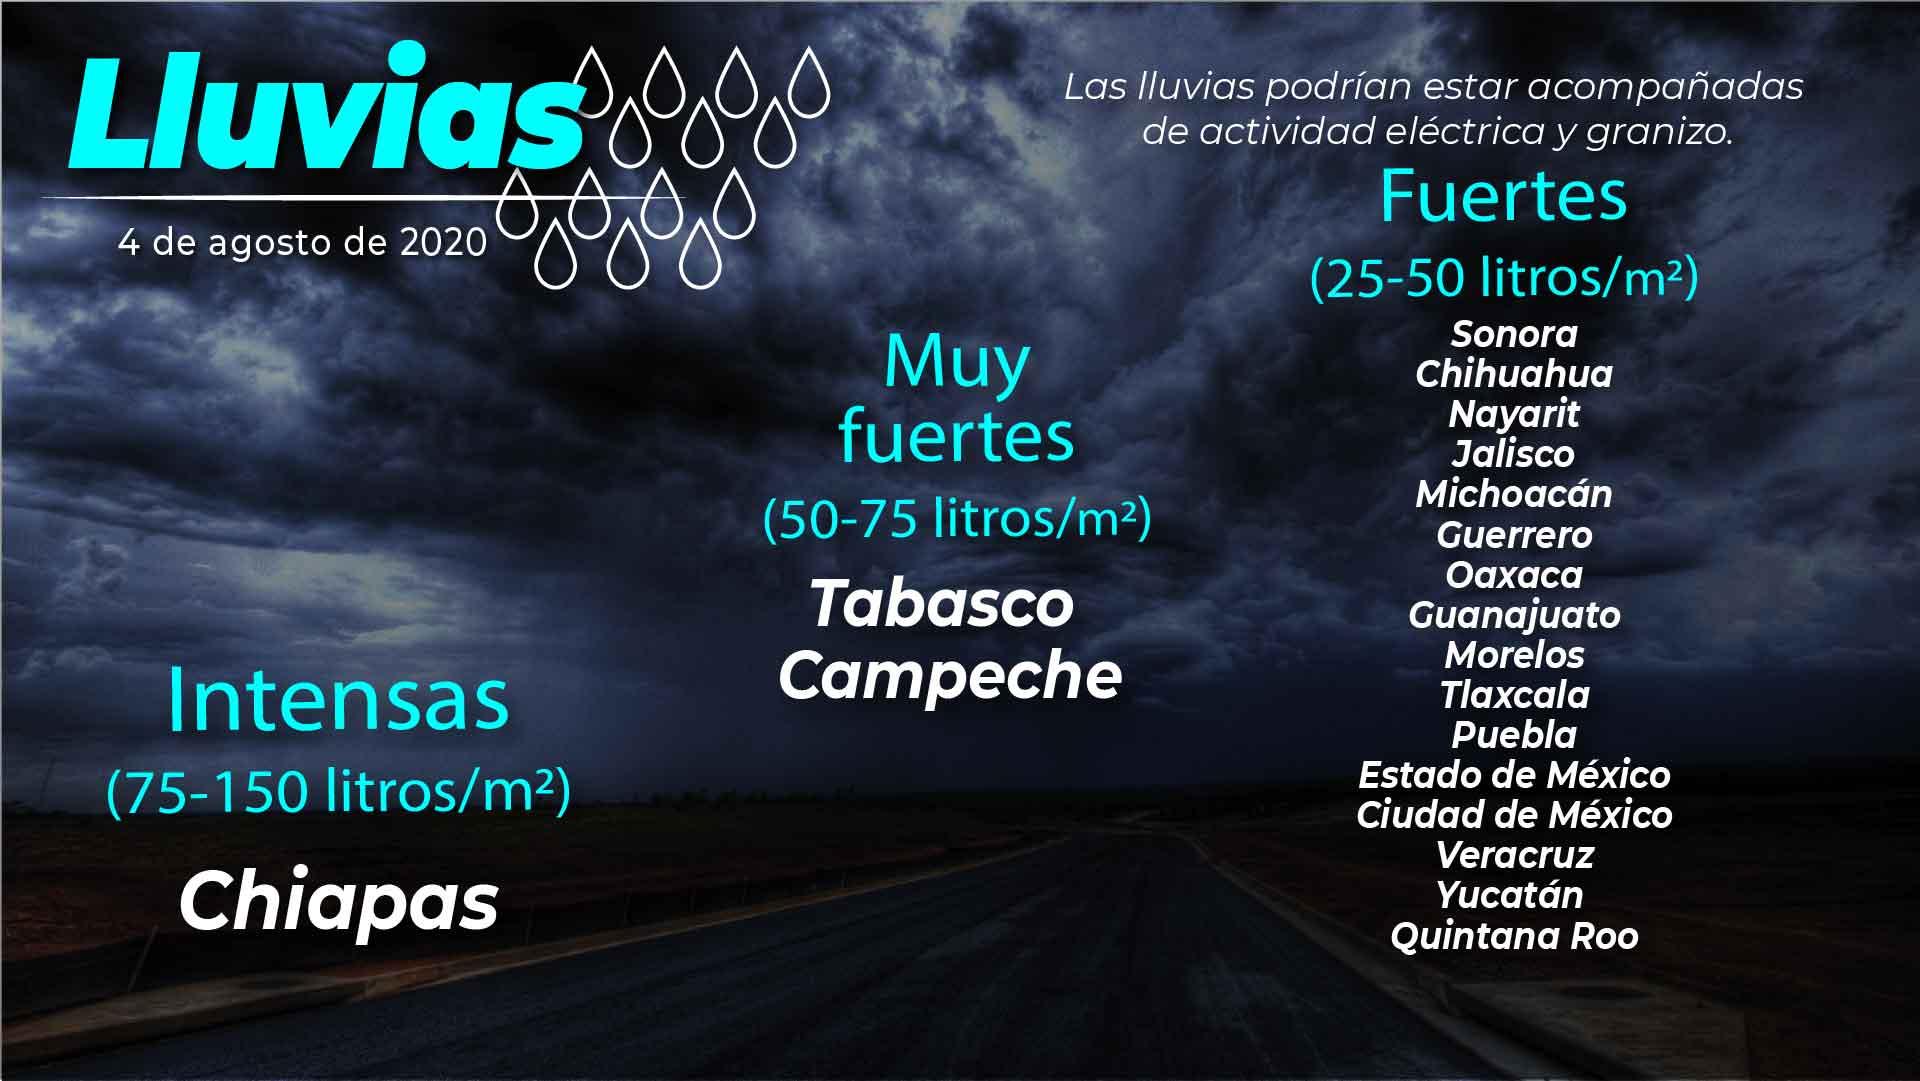 Se pronostican lluvias intensas con descargas eléctricas, granizo y viento fuerte para Chiapas